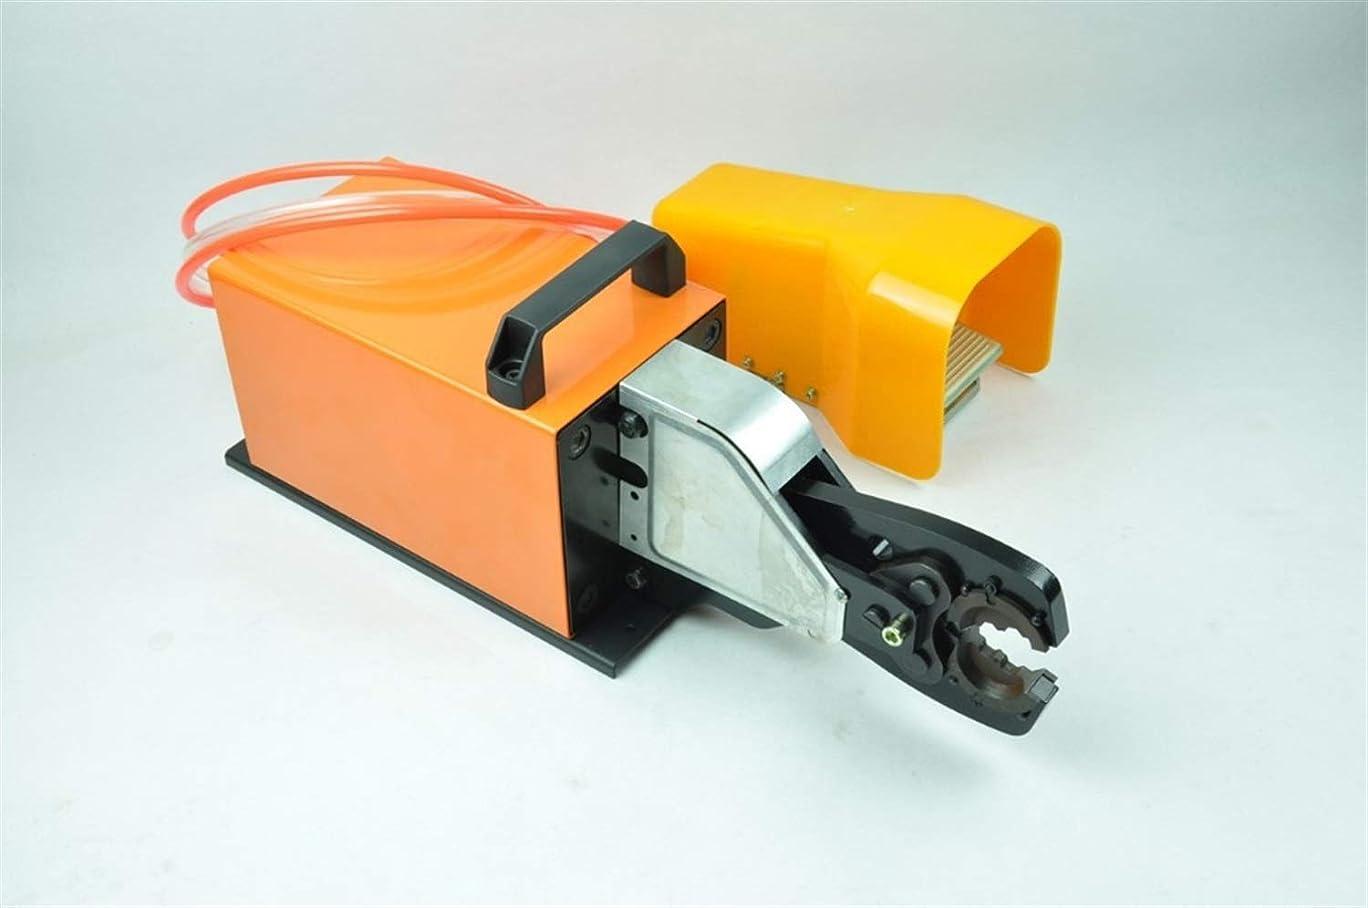 聴衆撤回するスリップ圧着工具 非絶縁型ケーブルラグ端子圧着用圧着工具6?70mm2 絶縁被覆付 ペンチ